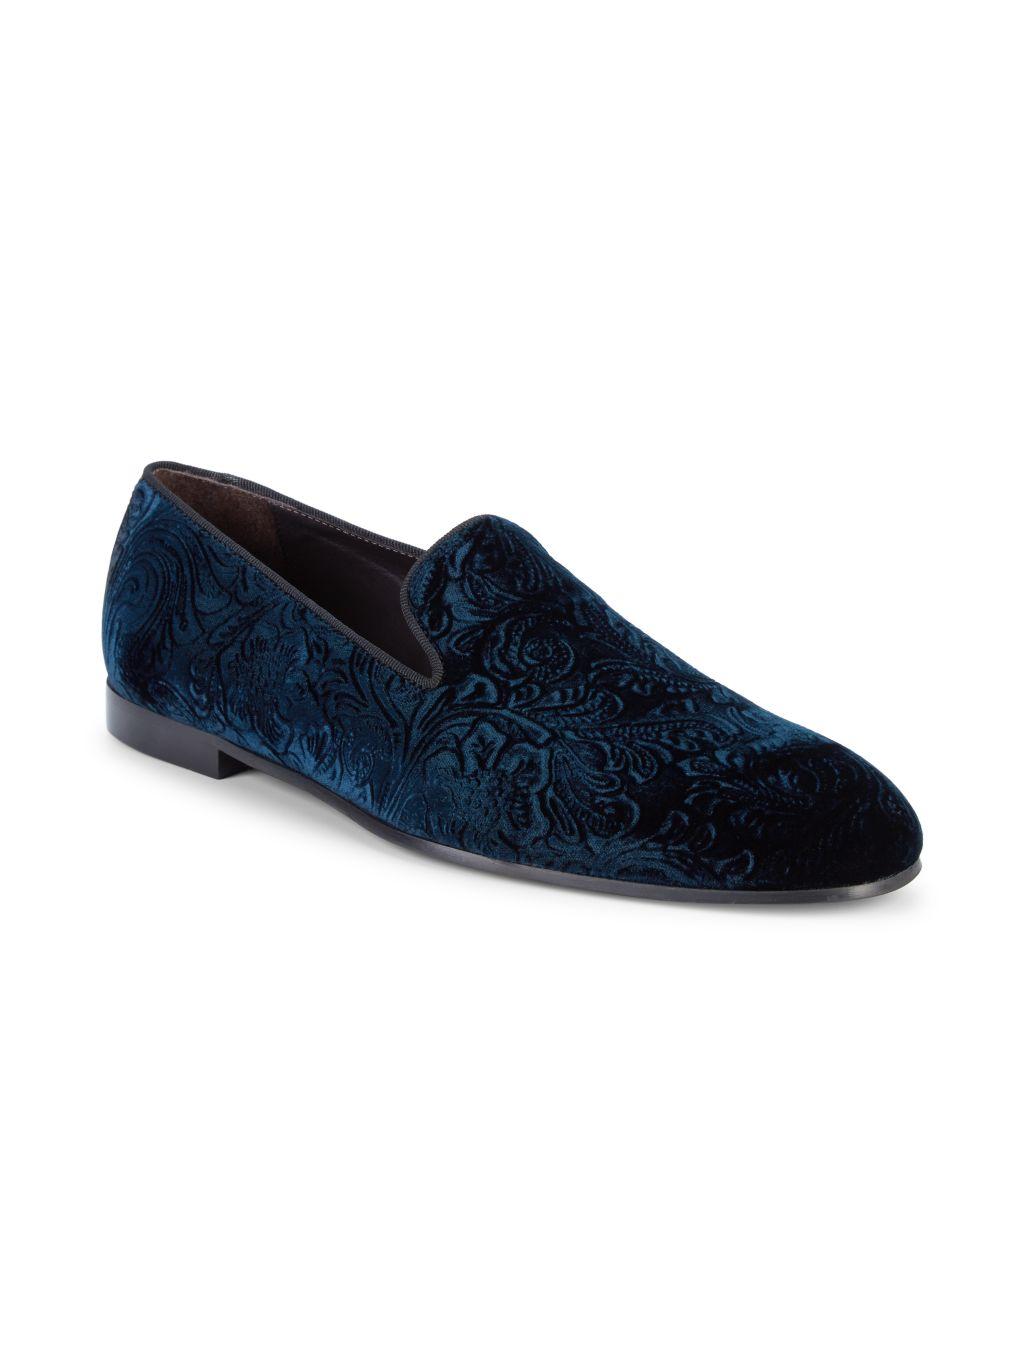 Bruno Magli Floral Velvet Loafers